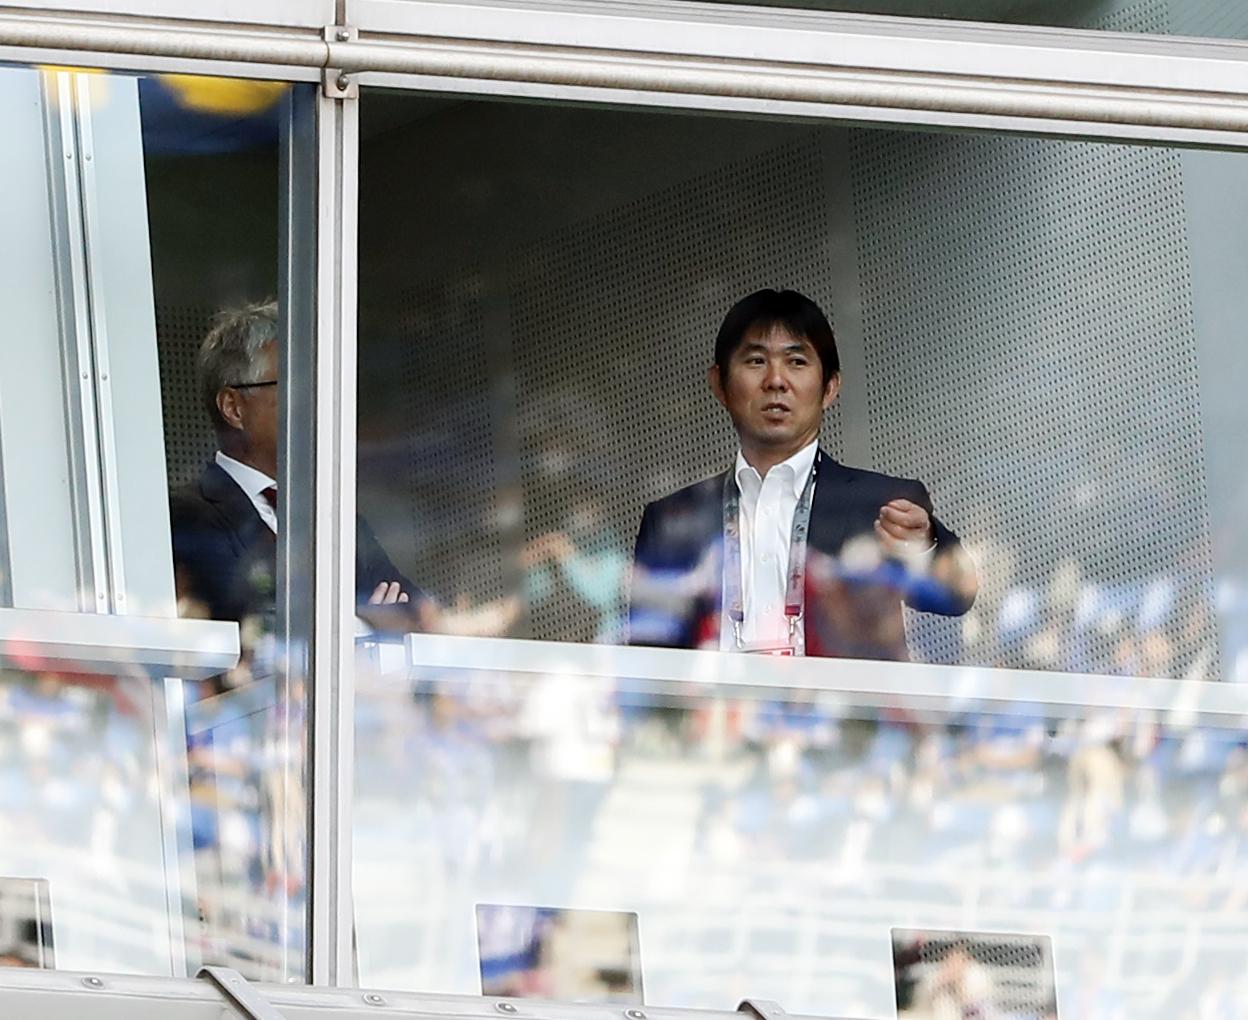 横浜対G大阪 視察に訪れた日本代表の森保監督(右)(撮影・浅見桂子)